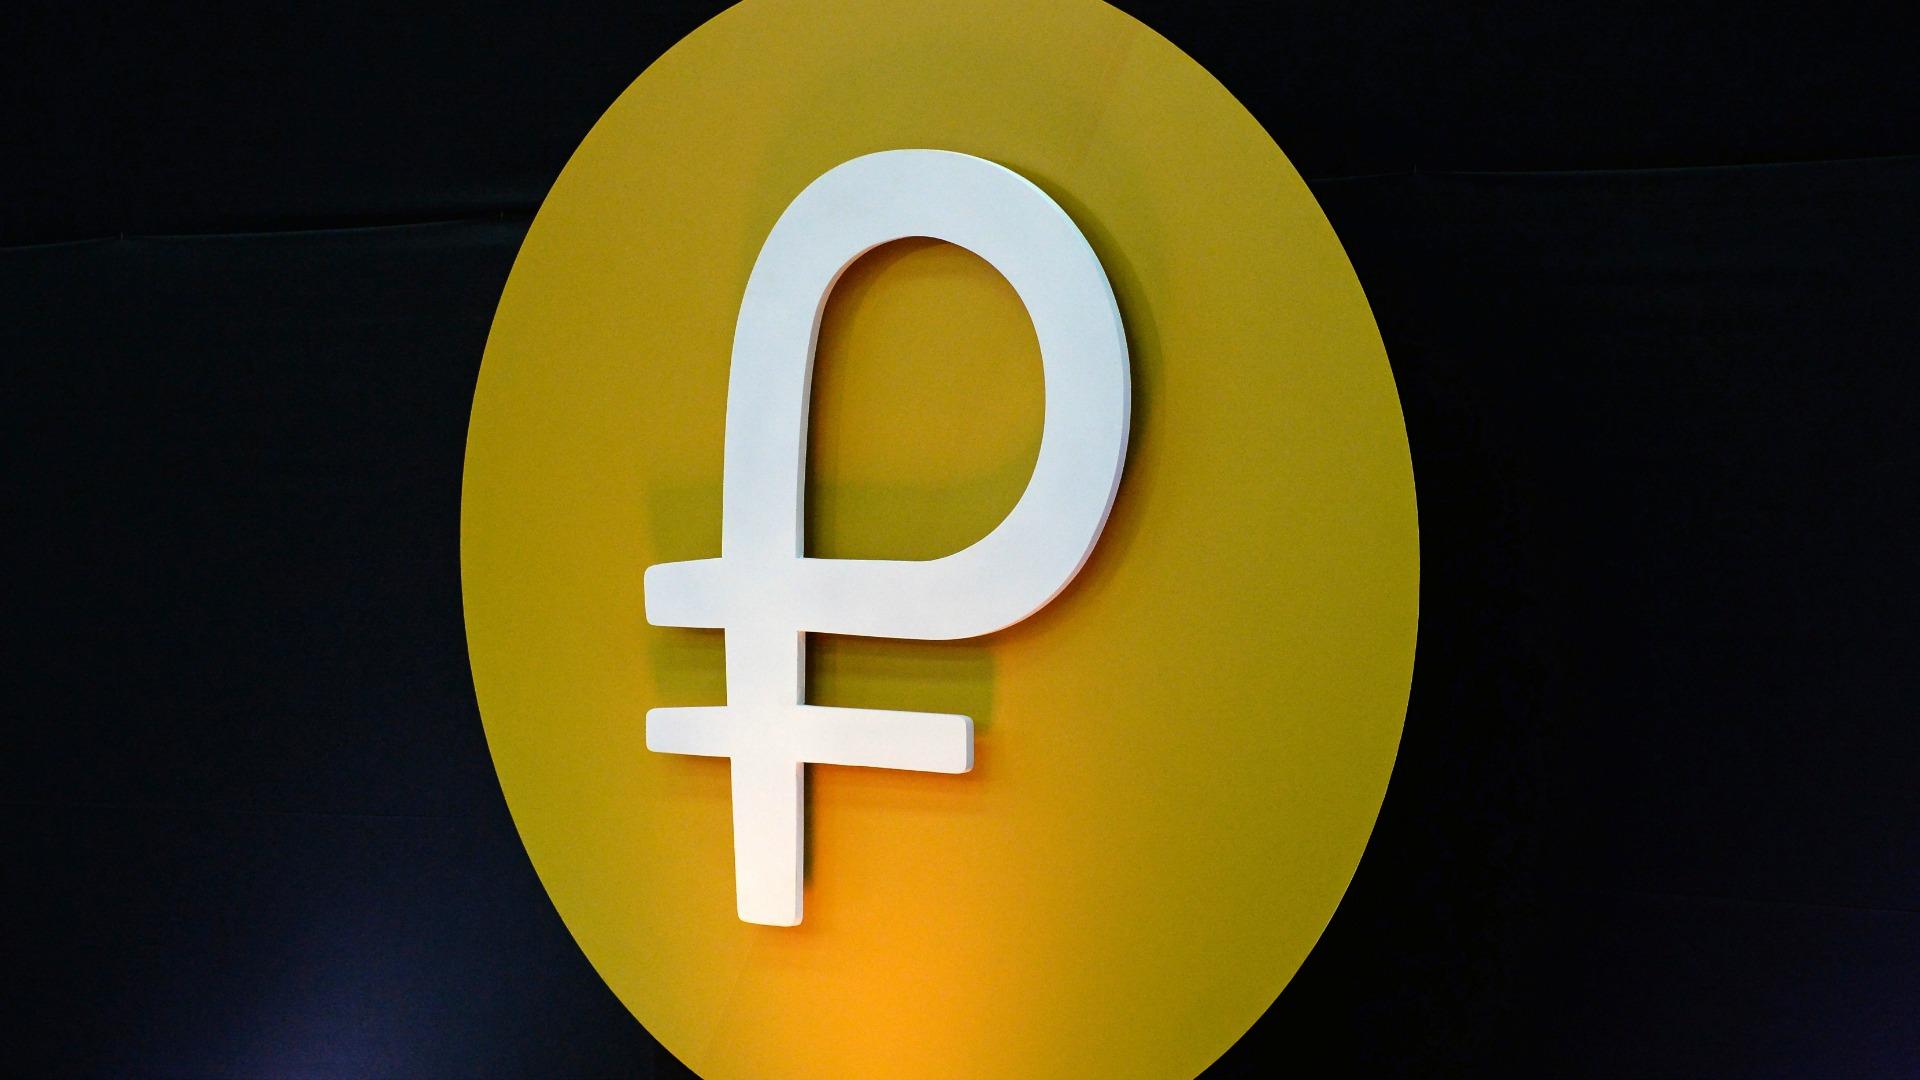 Créditos en petros a las pequeñas y medianas empresas representan una dificultad para los comerciantes, ante la poca funcionalidad de la moneda digital